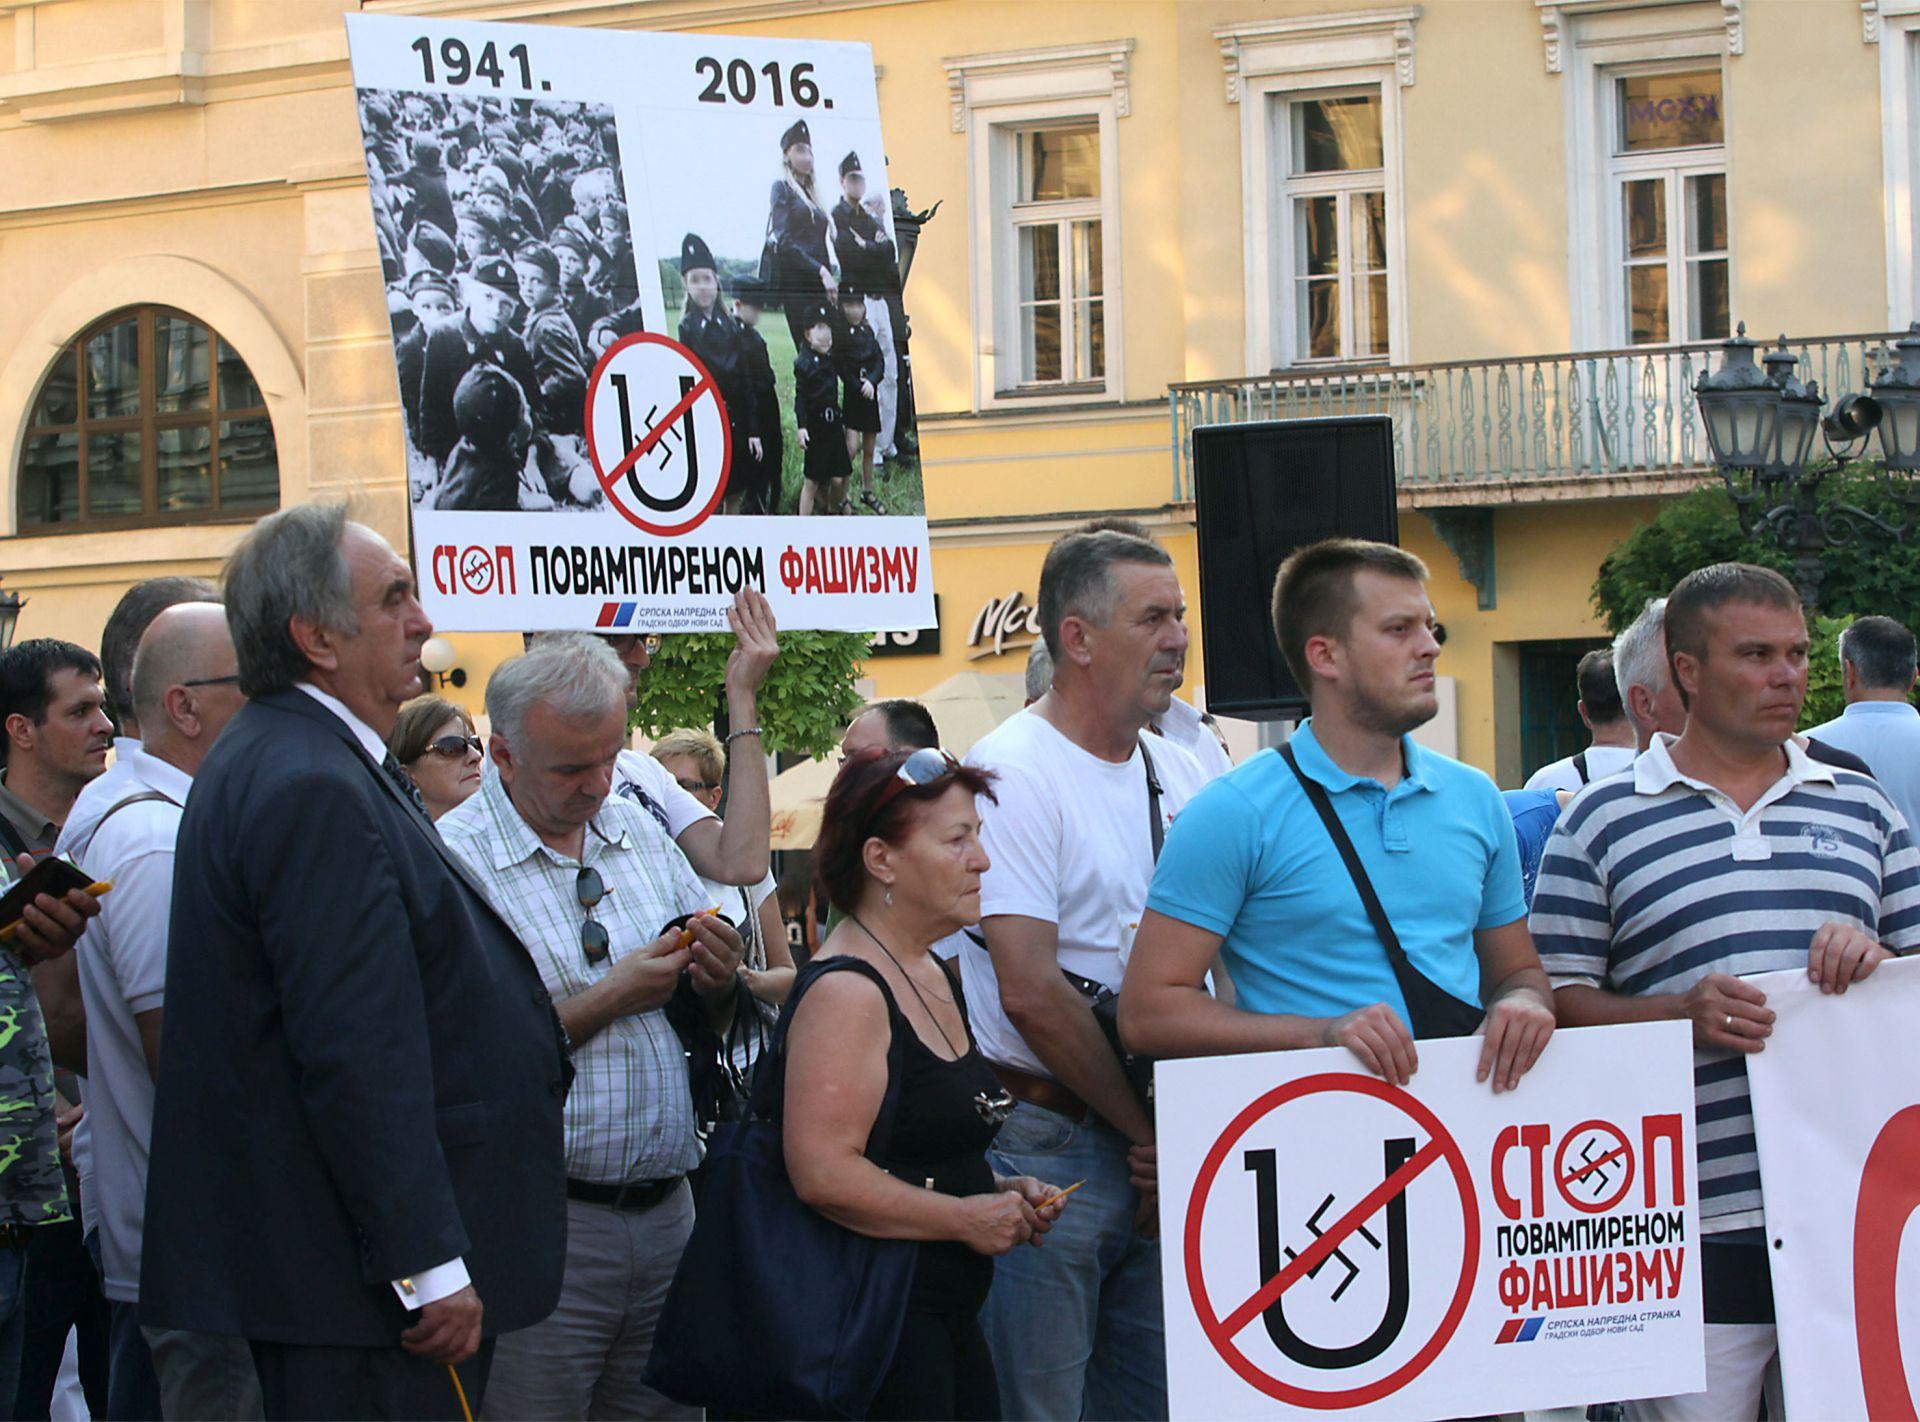 PALJENJE ZASTAVE U KNINU: Hrvatska odbila primiti prosvjednu notu Srbije